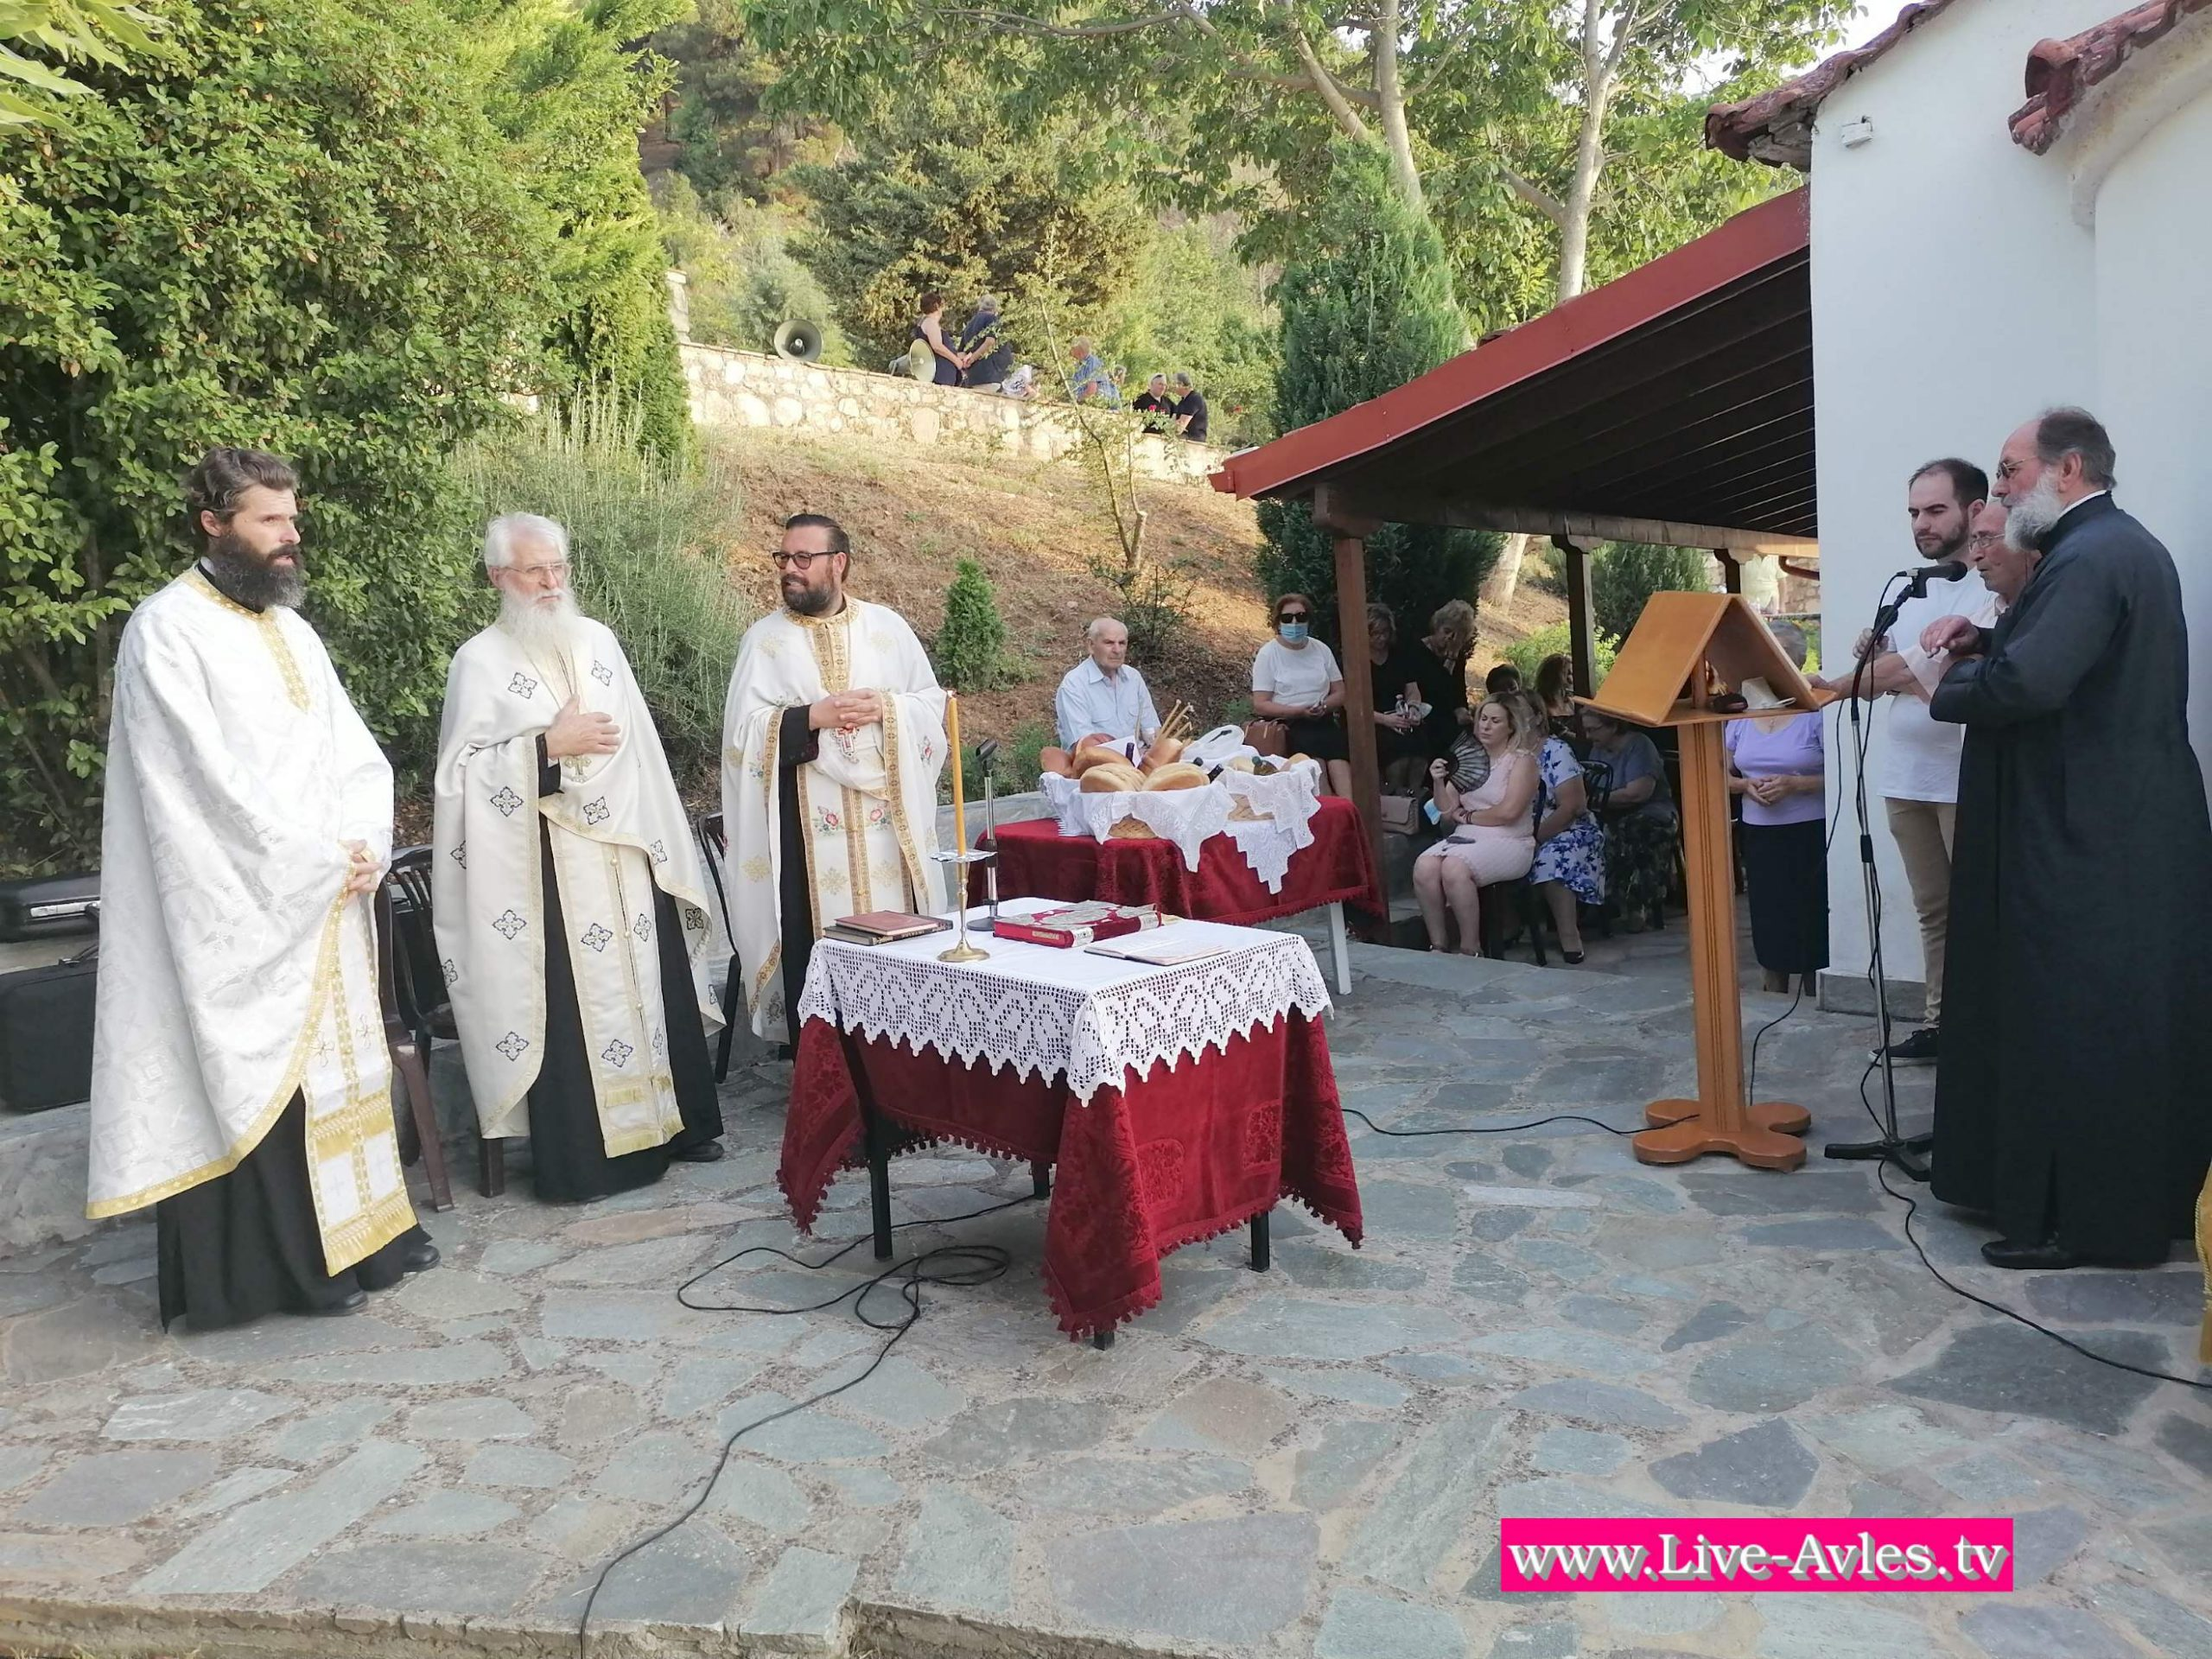 Ο Πανηγυρικός Εσπερινός στο εξωκλήσι του Αγίου Παντελεήμονα στα  Σέρβια (Βίντεο & Φωτογραφίες)